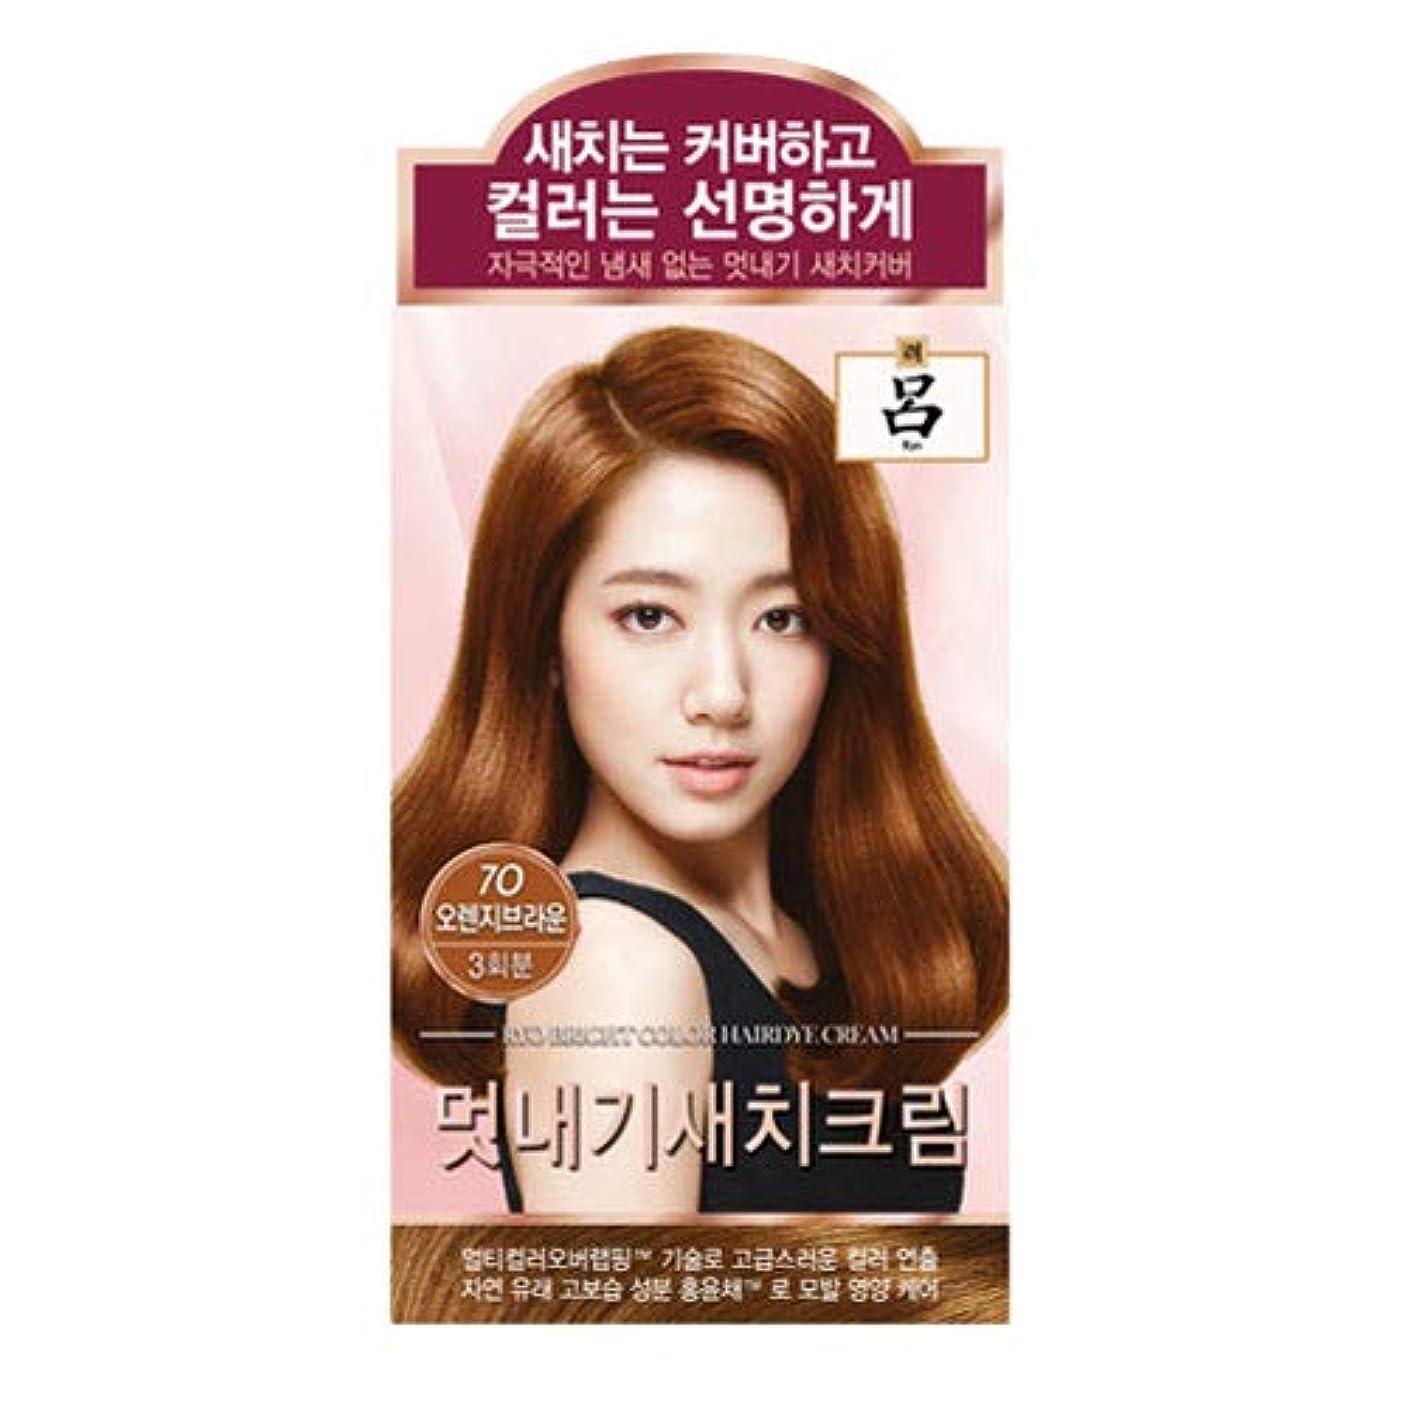 アモーレパシフィック呂[AMOREPACIFIC/Ryo] ブライトカラーヘアアイクリーム 7O オレンジブラウン/Bright Color Hairdye Cream 7O Orange Brown